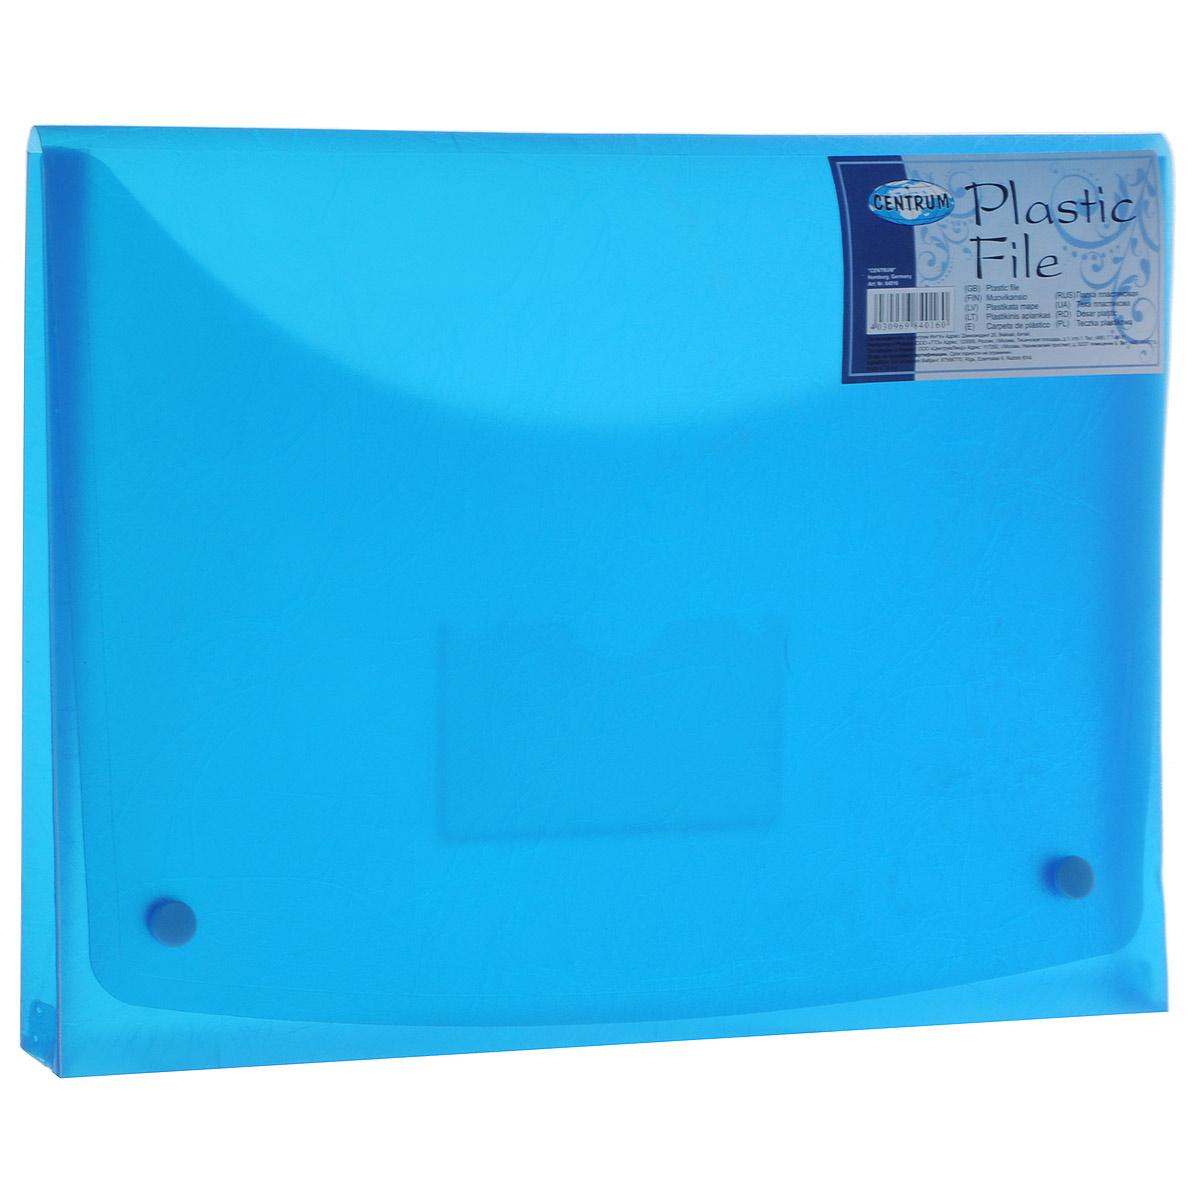 Папка-конверт на кнопках Centrum, цвет: голубой. Формат A484016 синий84016 Папка-конверт на двух кнопках А4,пластик 0,4 мм,SOFT TOUCH 84016, цвет: синий